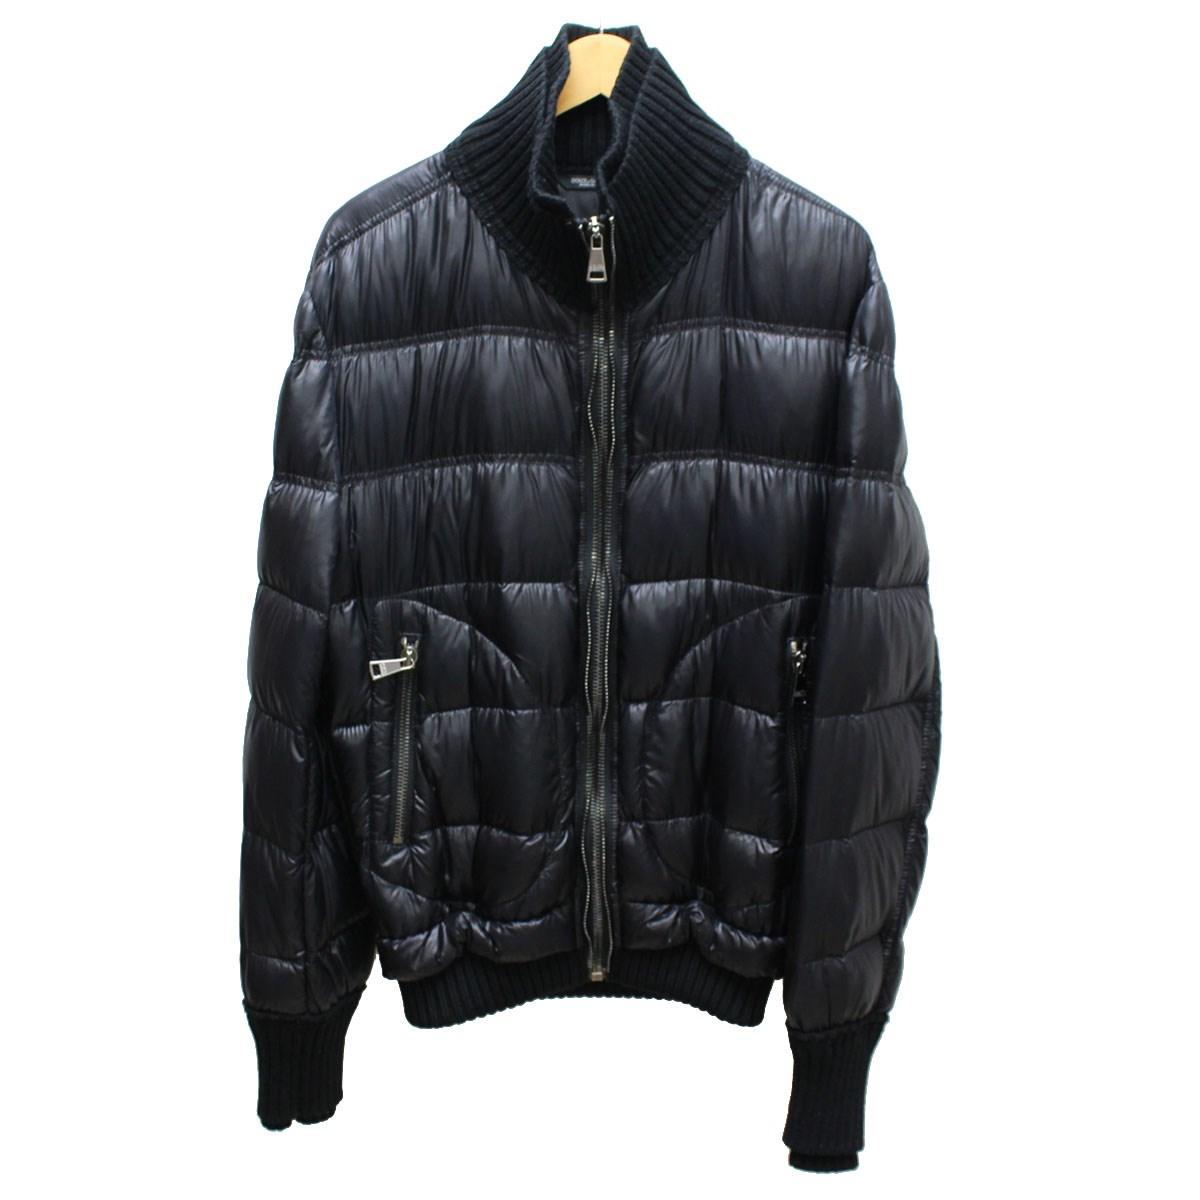 【中古】DOLCE&GABBANA ダブルジップ&リブ中綿ジャケット ブラック サイズ:46 【送料無料】 【130518】(ドルチェアンドガッバーナ)